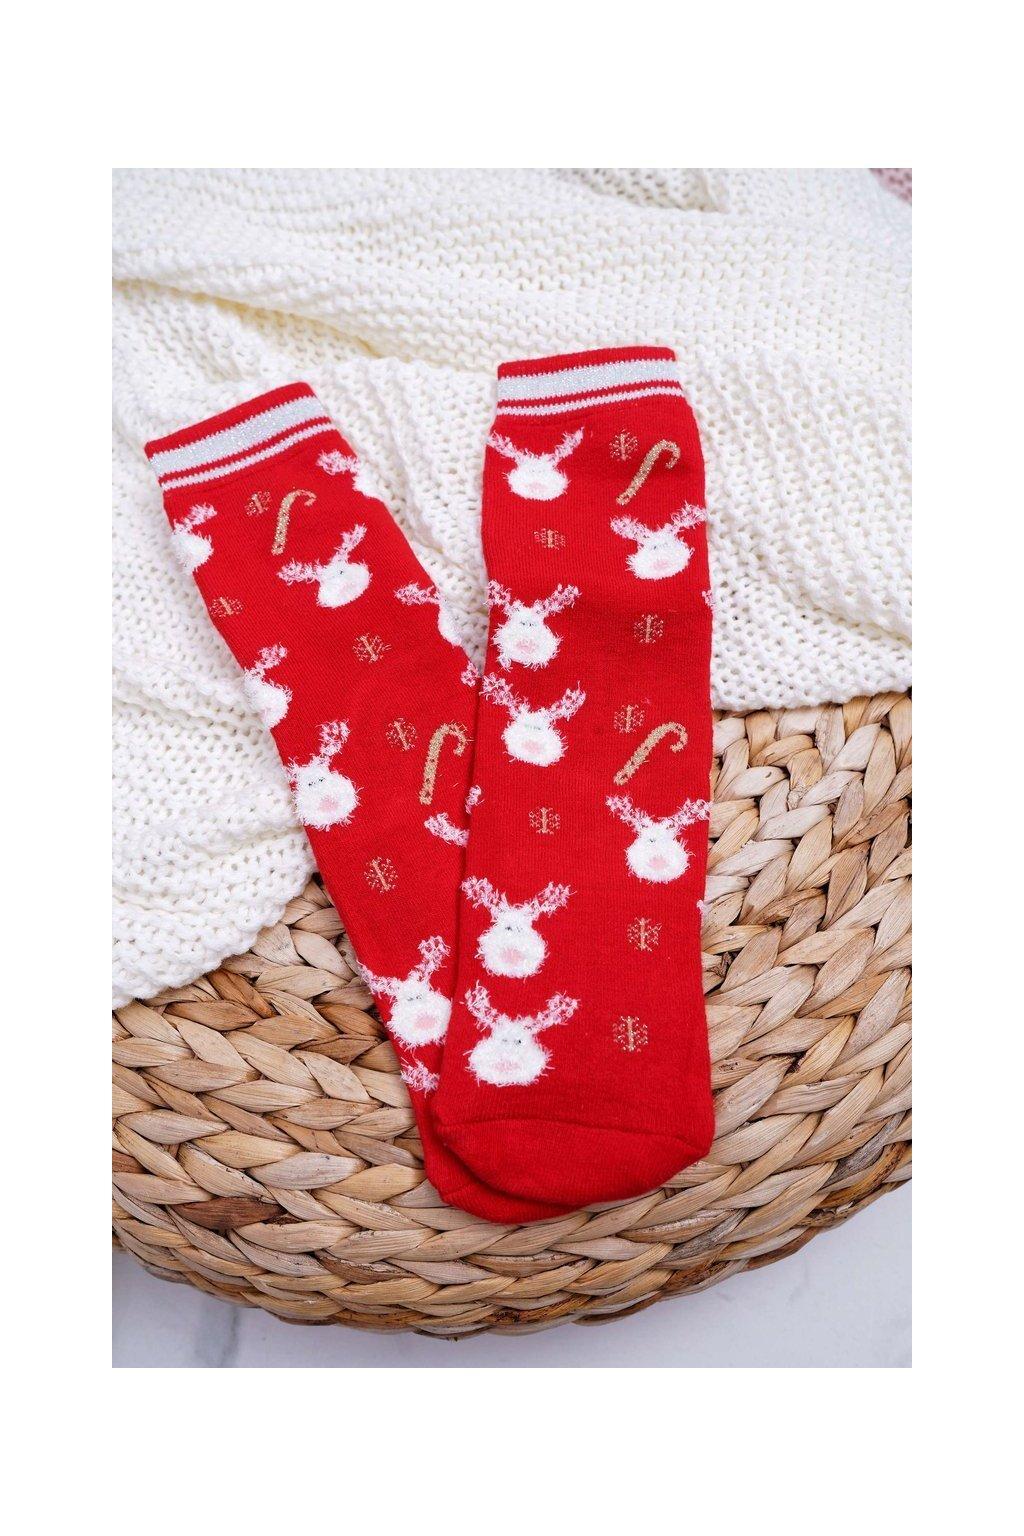 Dámske ponožky farba červená kód SNV5089 RED REINDEER II